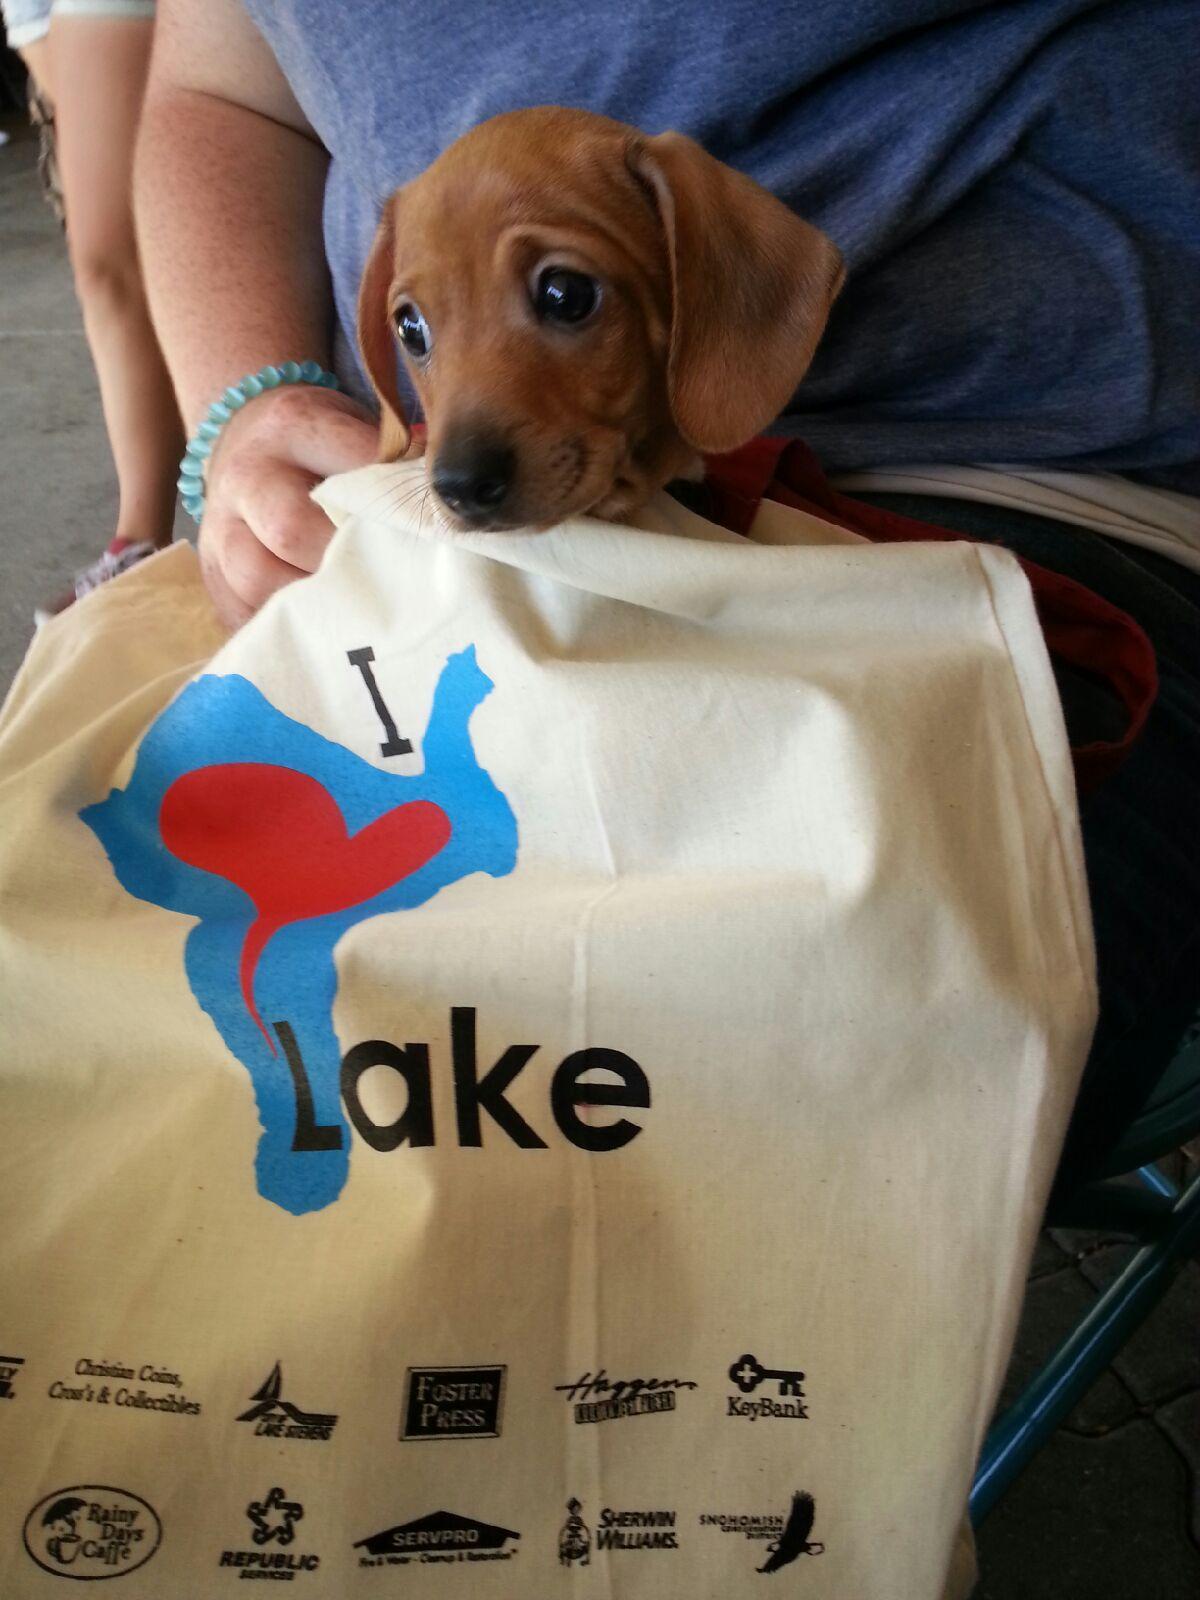 Cute dog inside of the 'I Love Lake' tote!